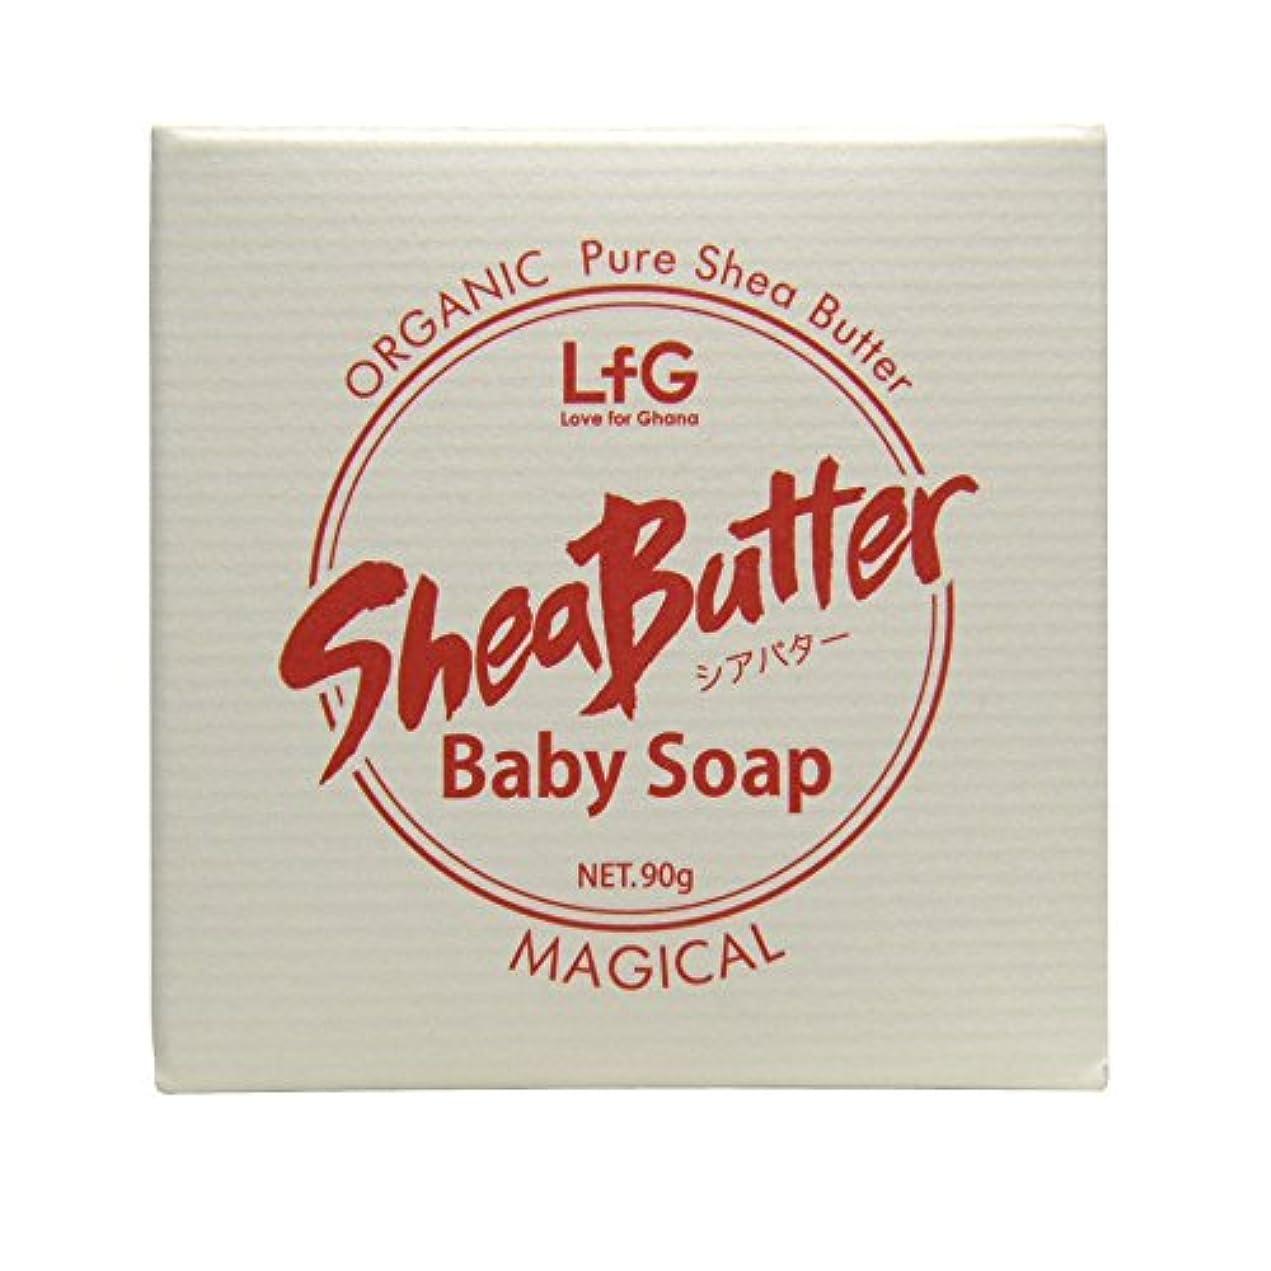 問い合わせお祝い訪問マジカル シアバターベビーソープ 保湿石鹸 90g